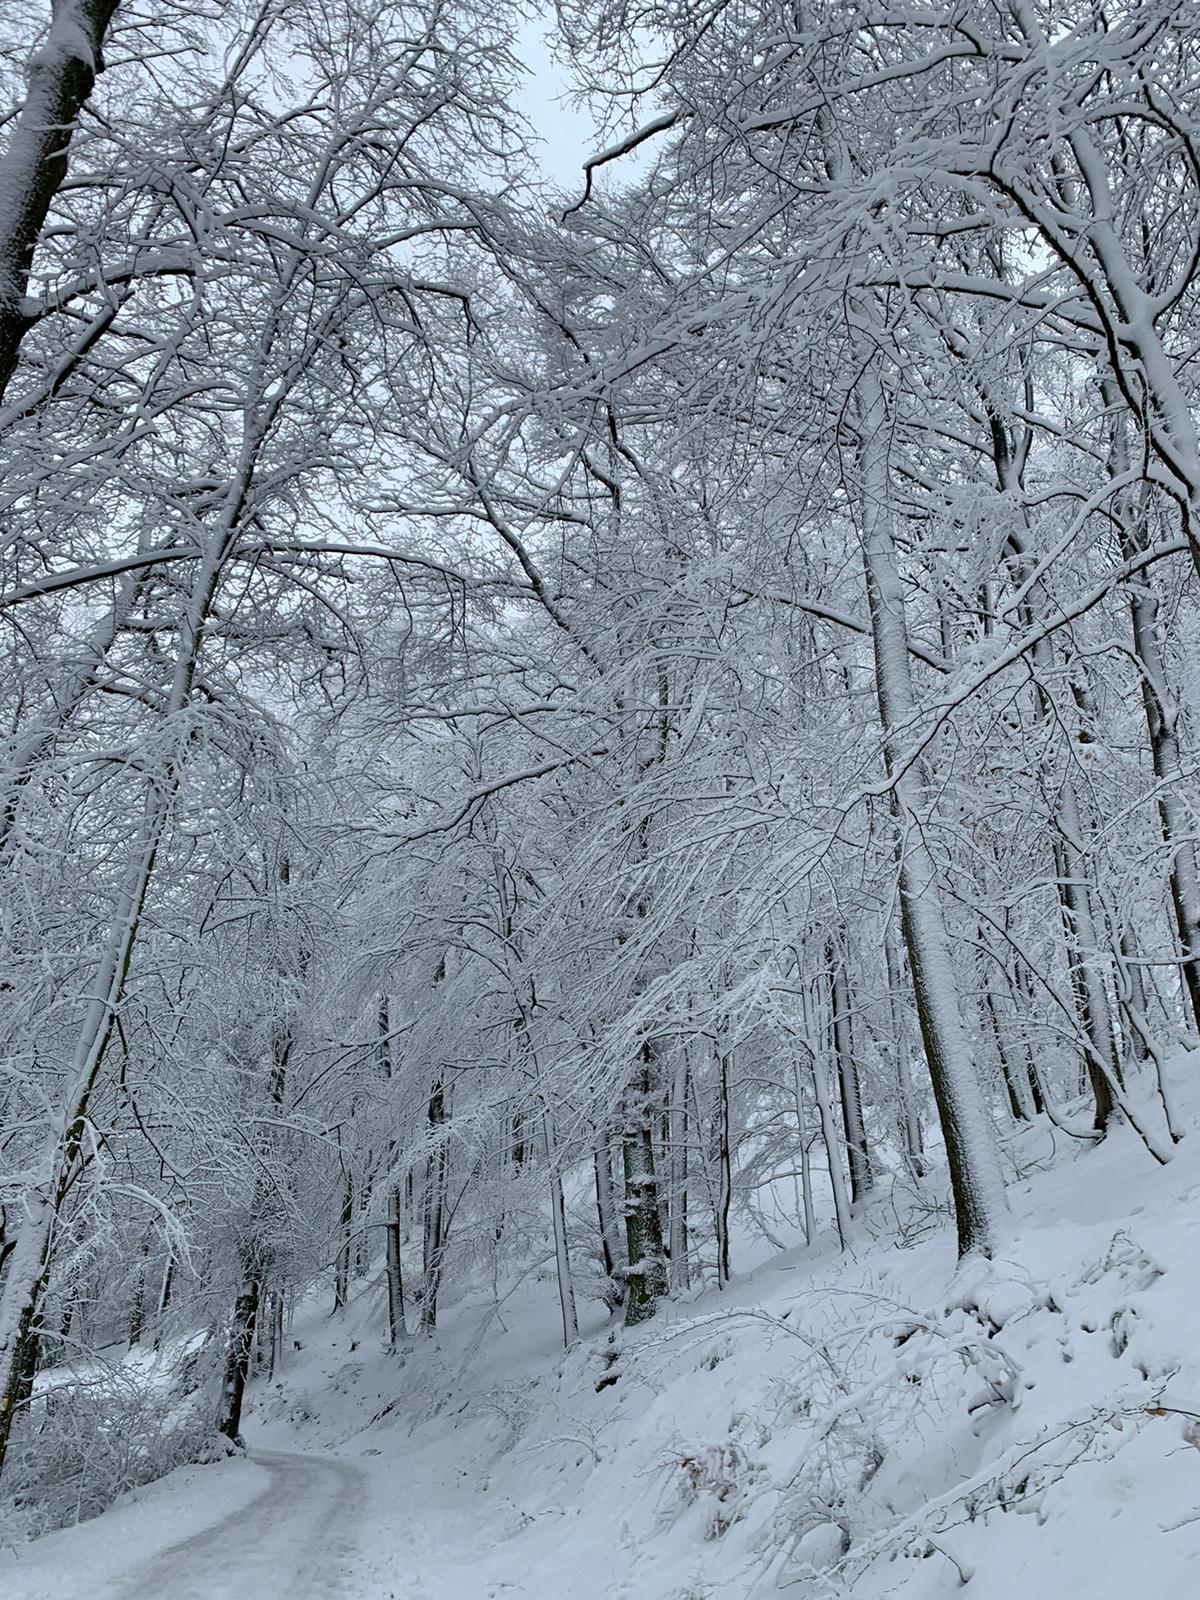 Schnee im Januar: Foto des Monats